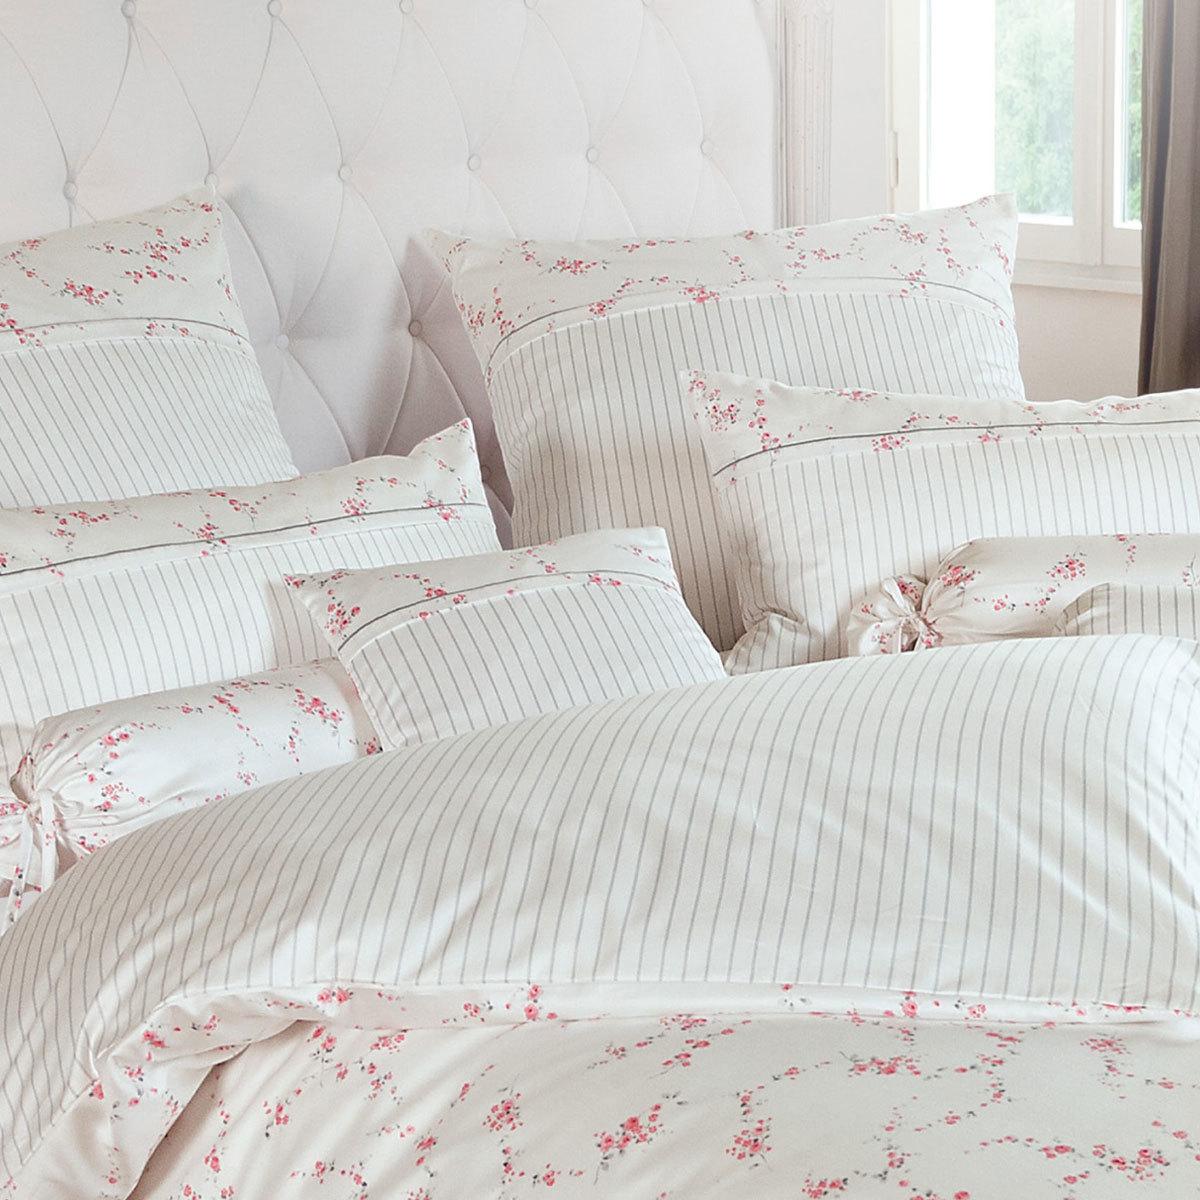 janine mako satin bettw sche romantico 46009 01 g nstig online kaufen bei bettwaren shop. Black Bedroom Furniture Sets. Home Design Ideas